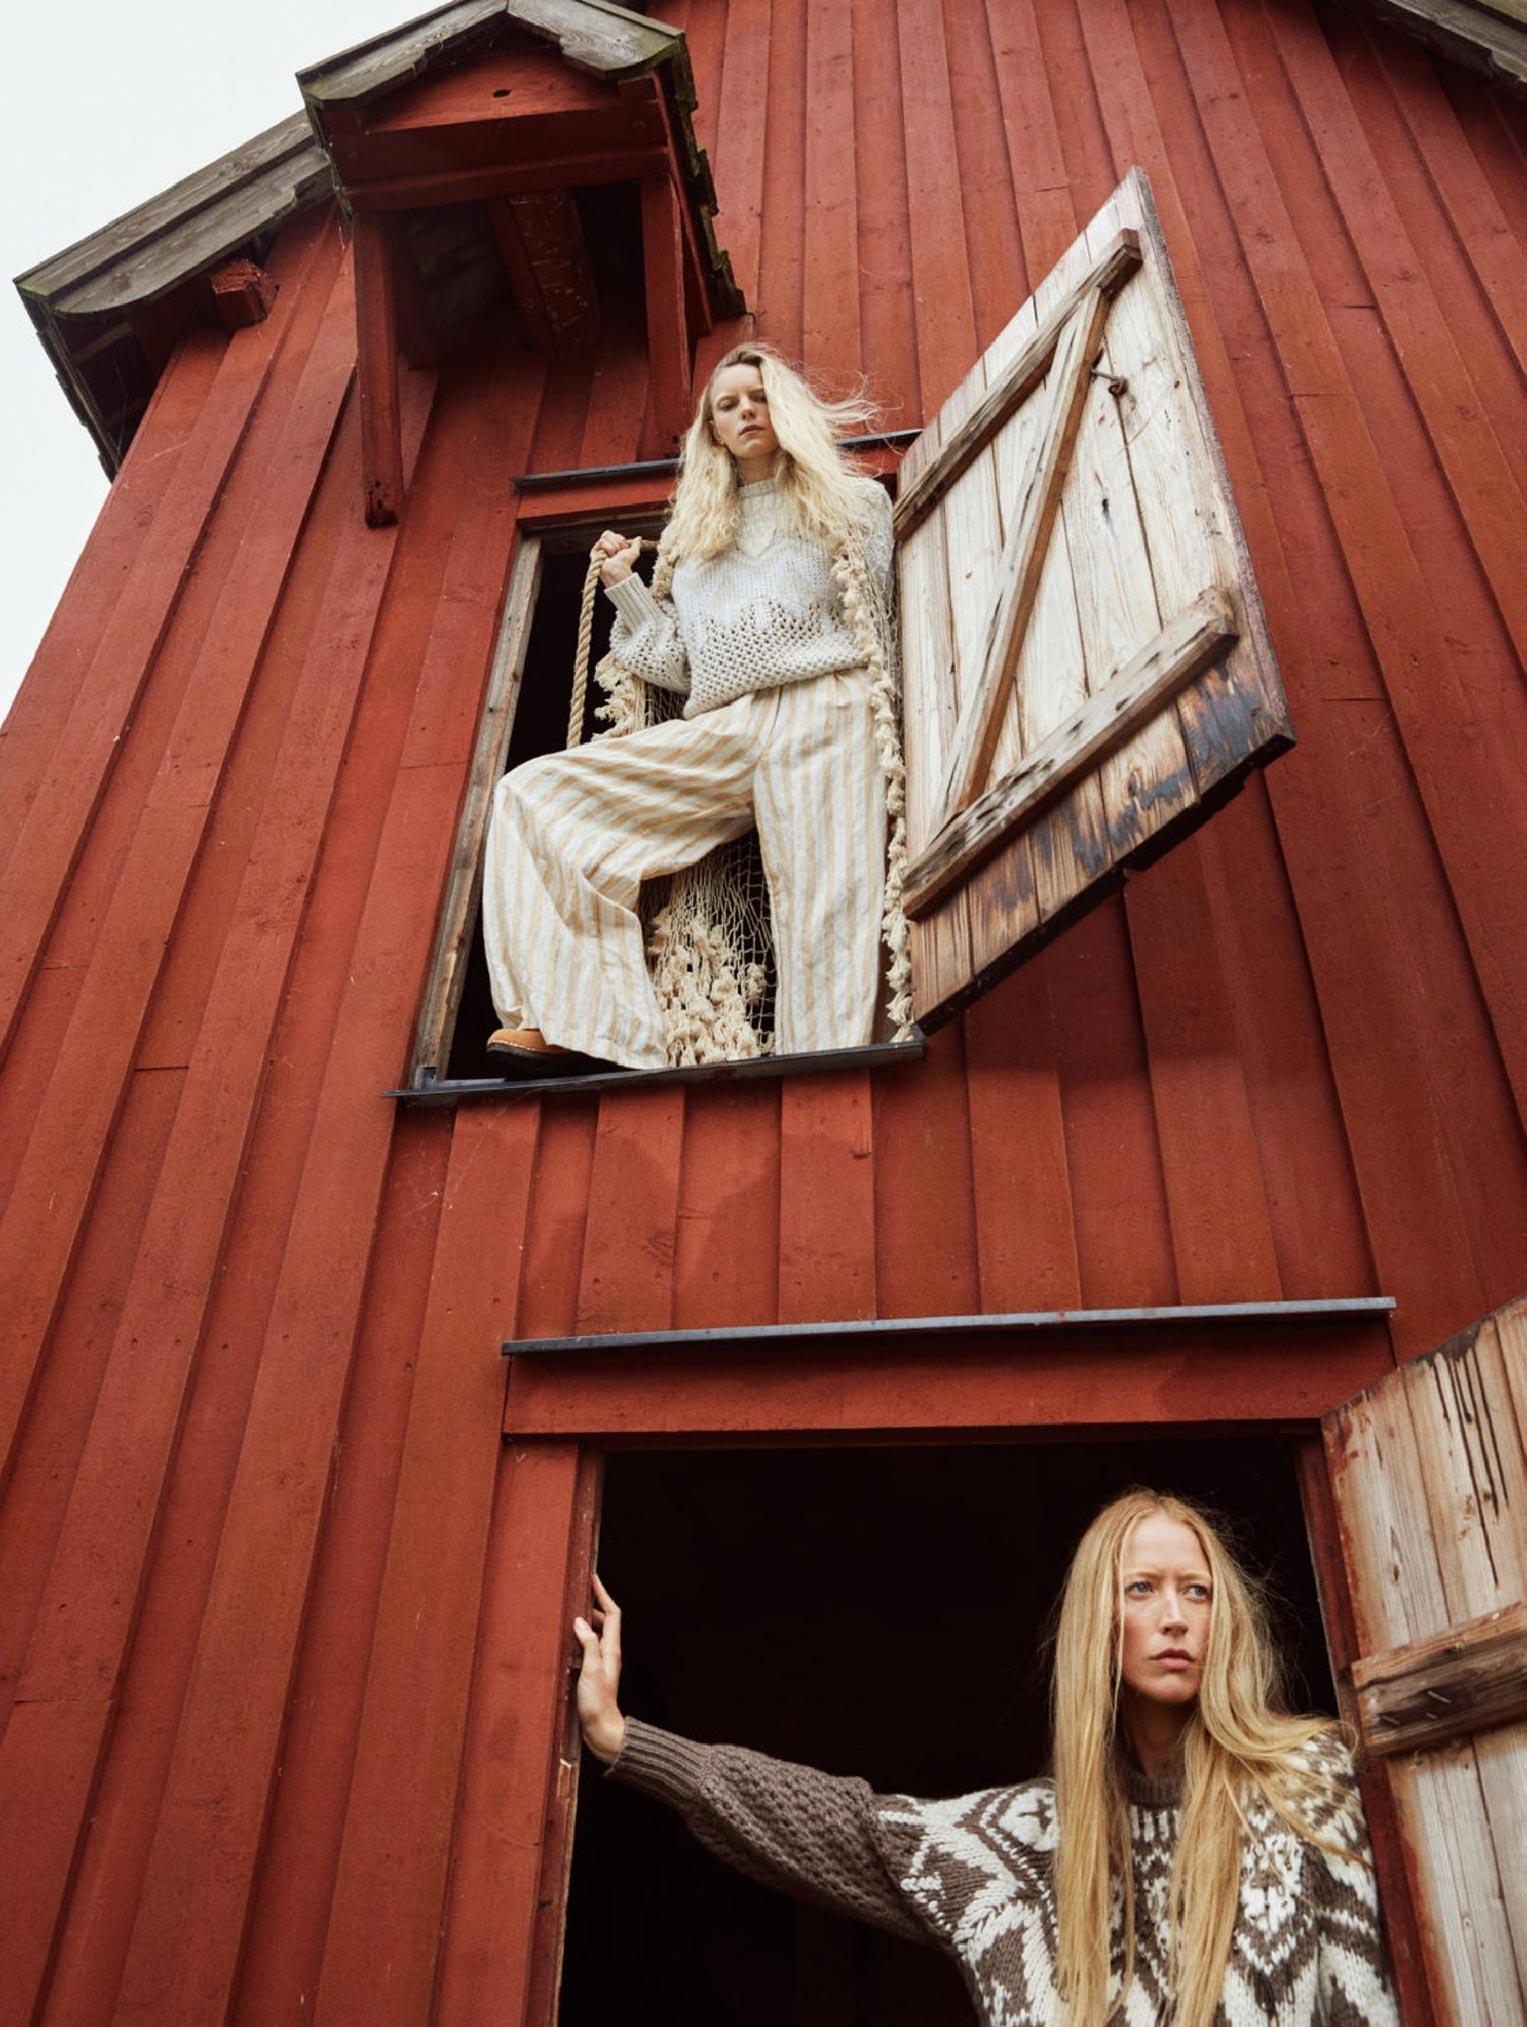 Бразильская модель в гостях у шведской - Эрика Линдер и Ракель Циммерман / фото 03